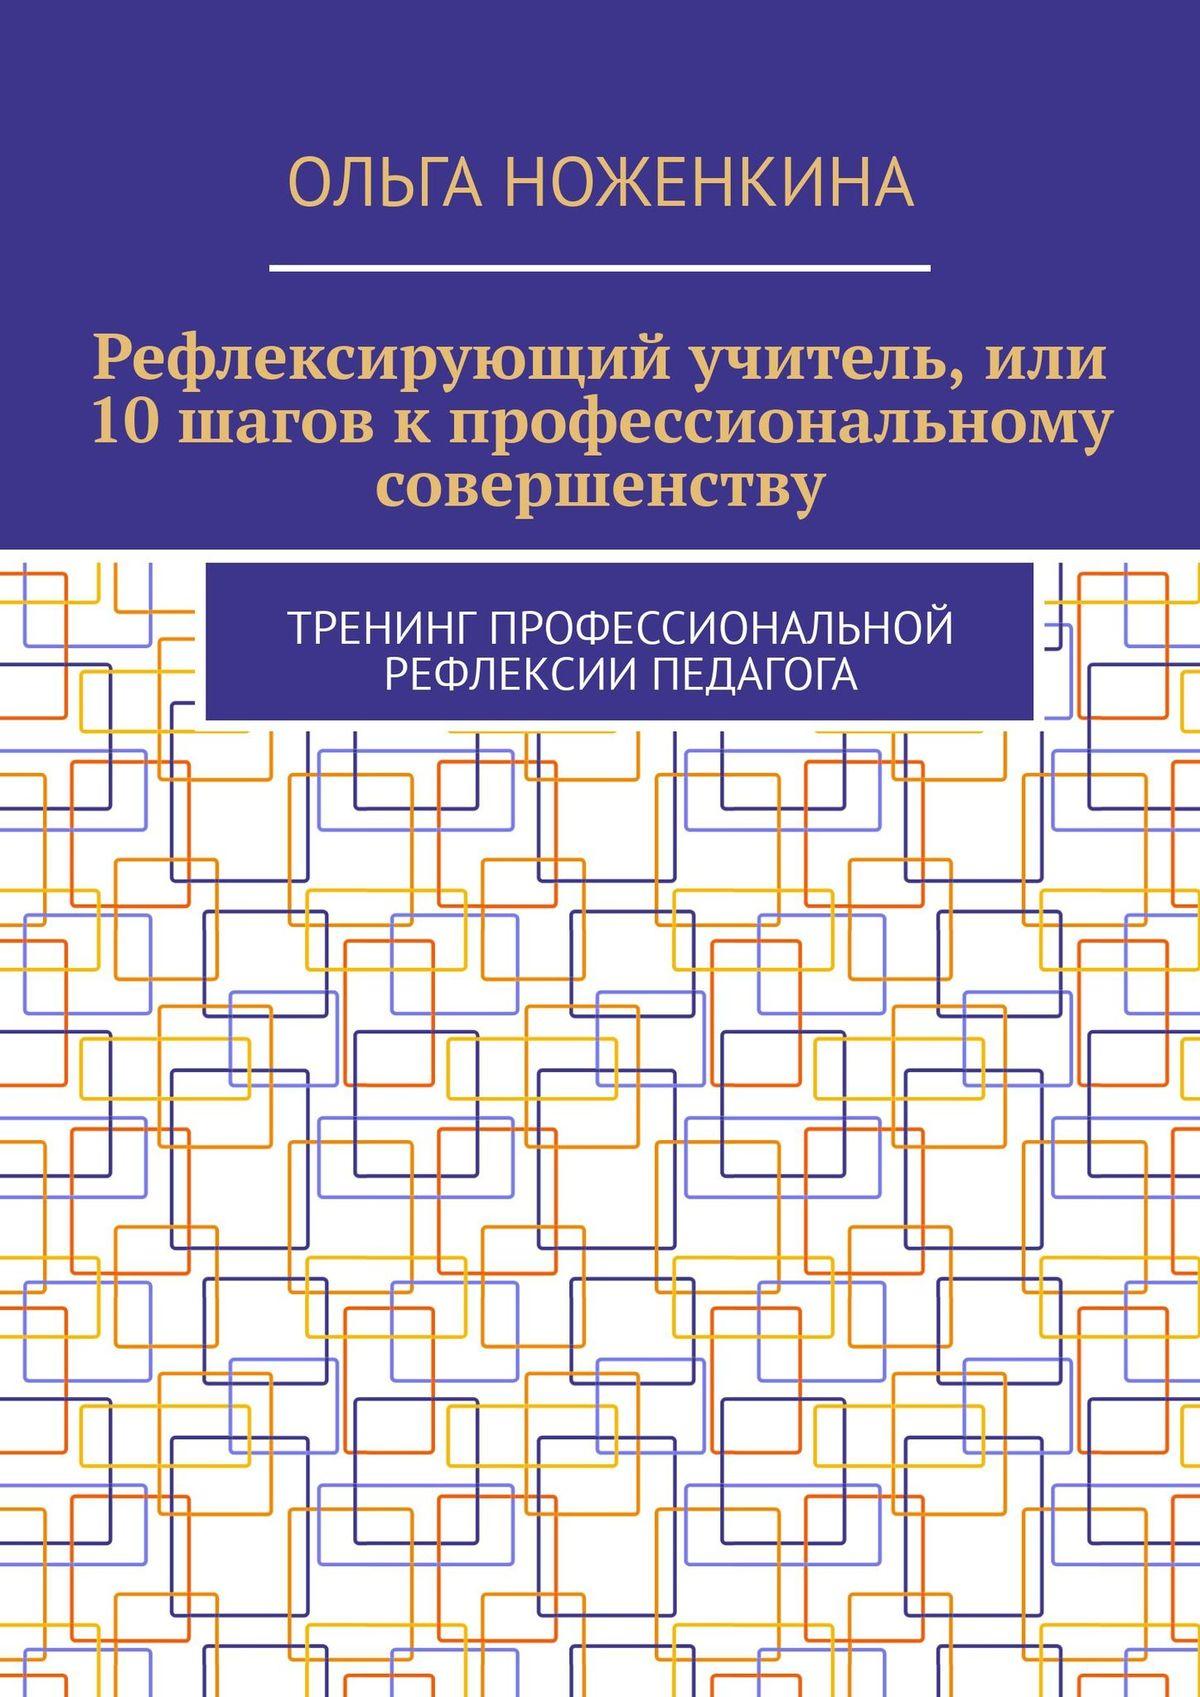 Ольга Ноженкина - Рефлексирующий учитель, или 10шагов кпрофессиональному совершенству. Тренинг професиональной рефлексии педагога